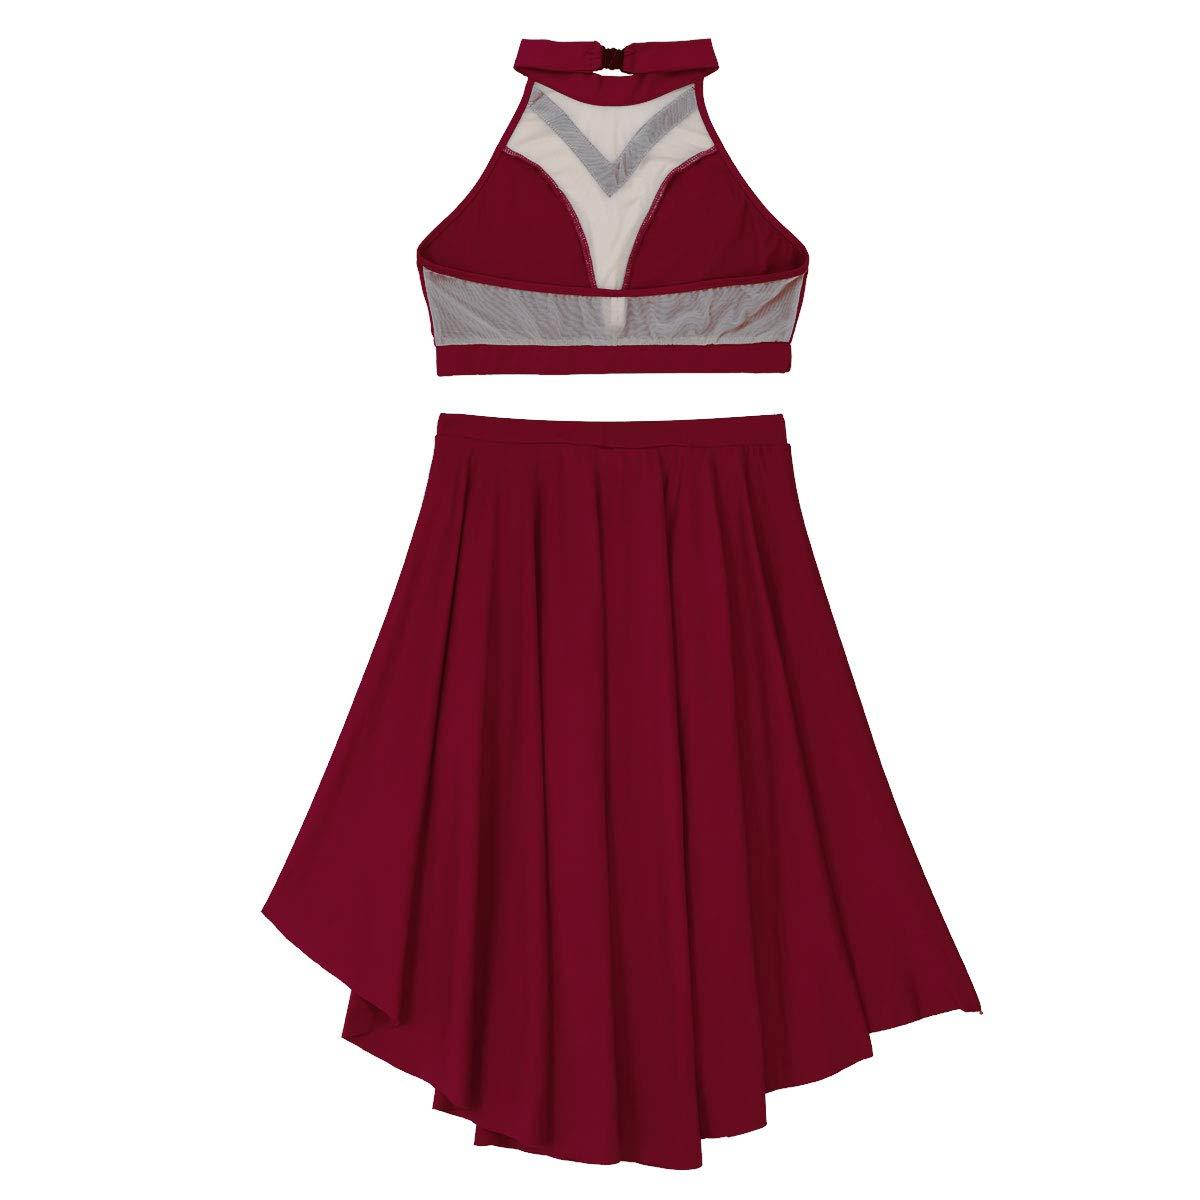 dPois Femme Asym/étrique Robe Danse Robe de Danse Latine Jupe Danse Orientale Jupe Ete Casual Jupette Danse Robe Patinage Artistique Justaucorps Gymnastique Body XS-XL